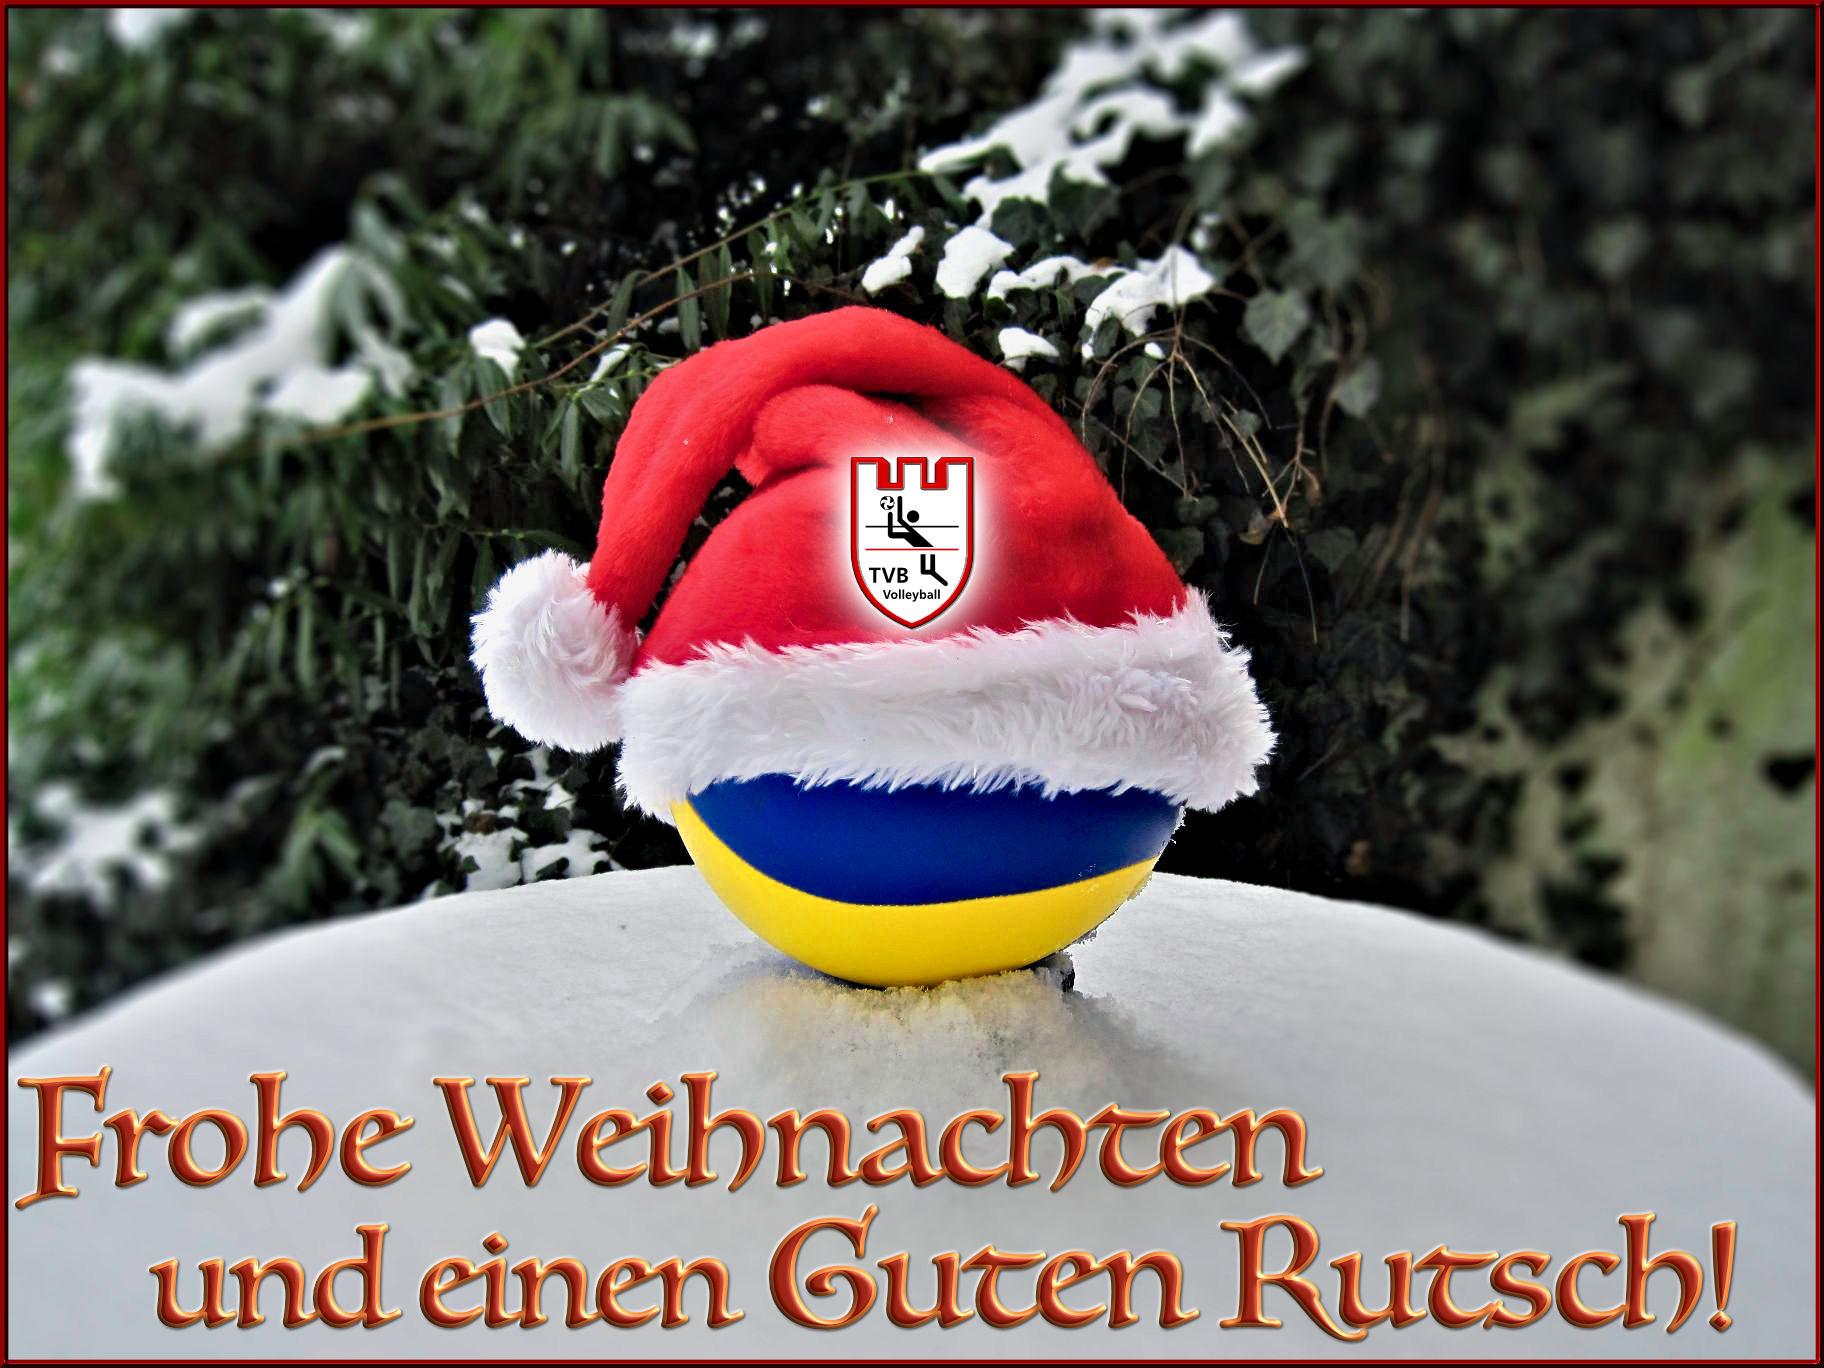 Weihnachtsmarkt- und Neujahrsgruß der TV Biedenkopf Volleyball Abteilung 2018